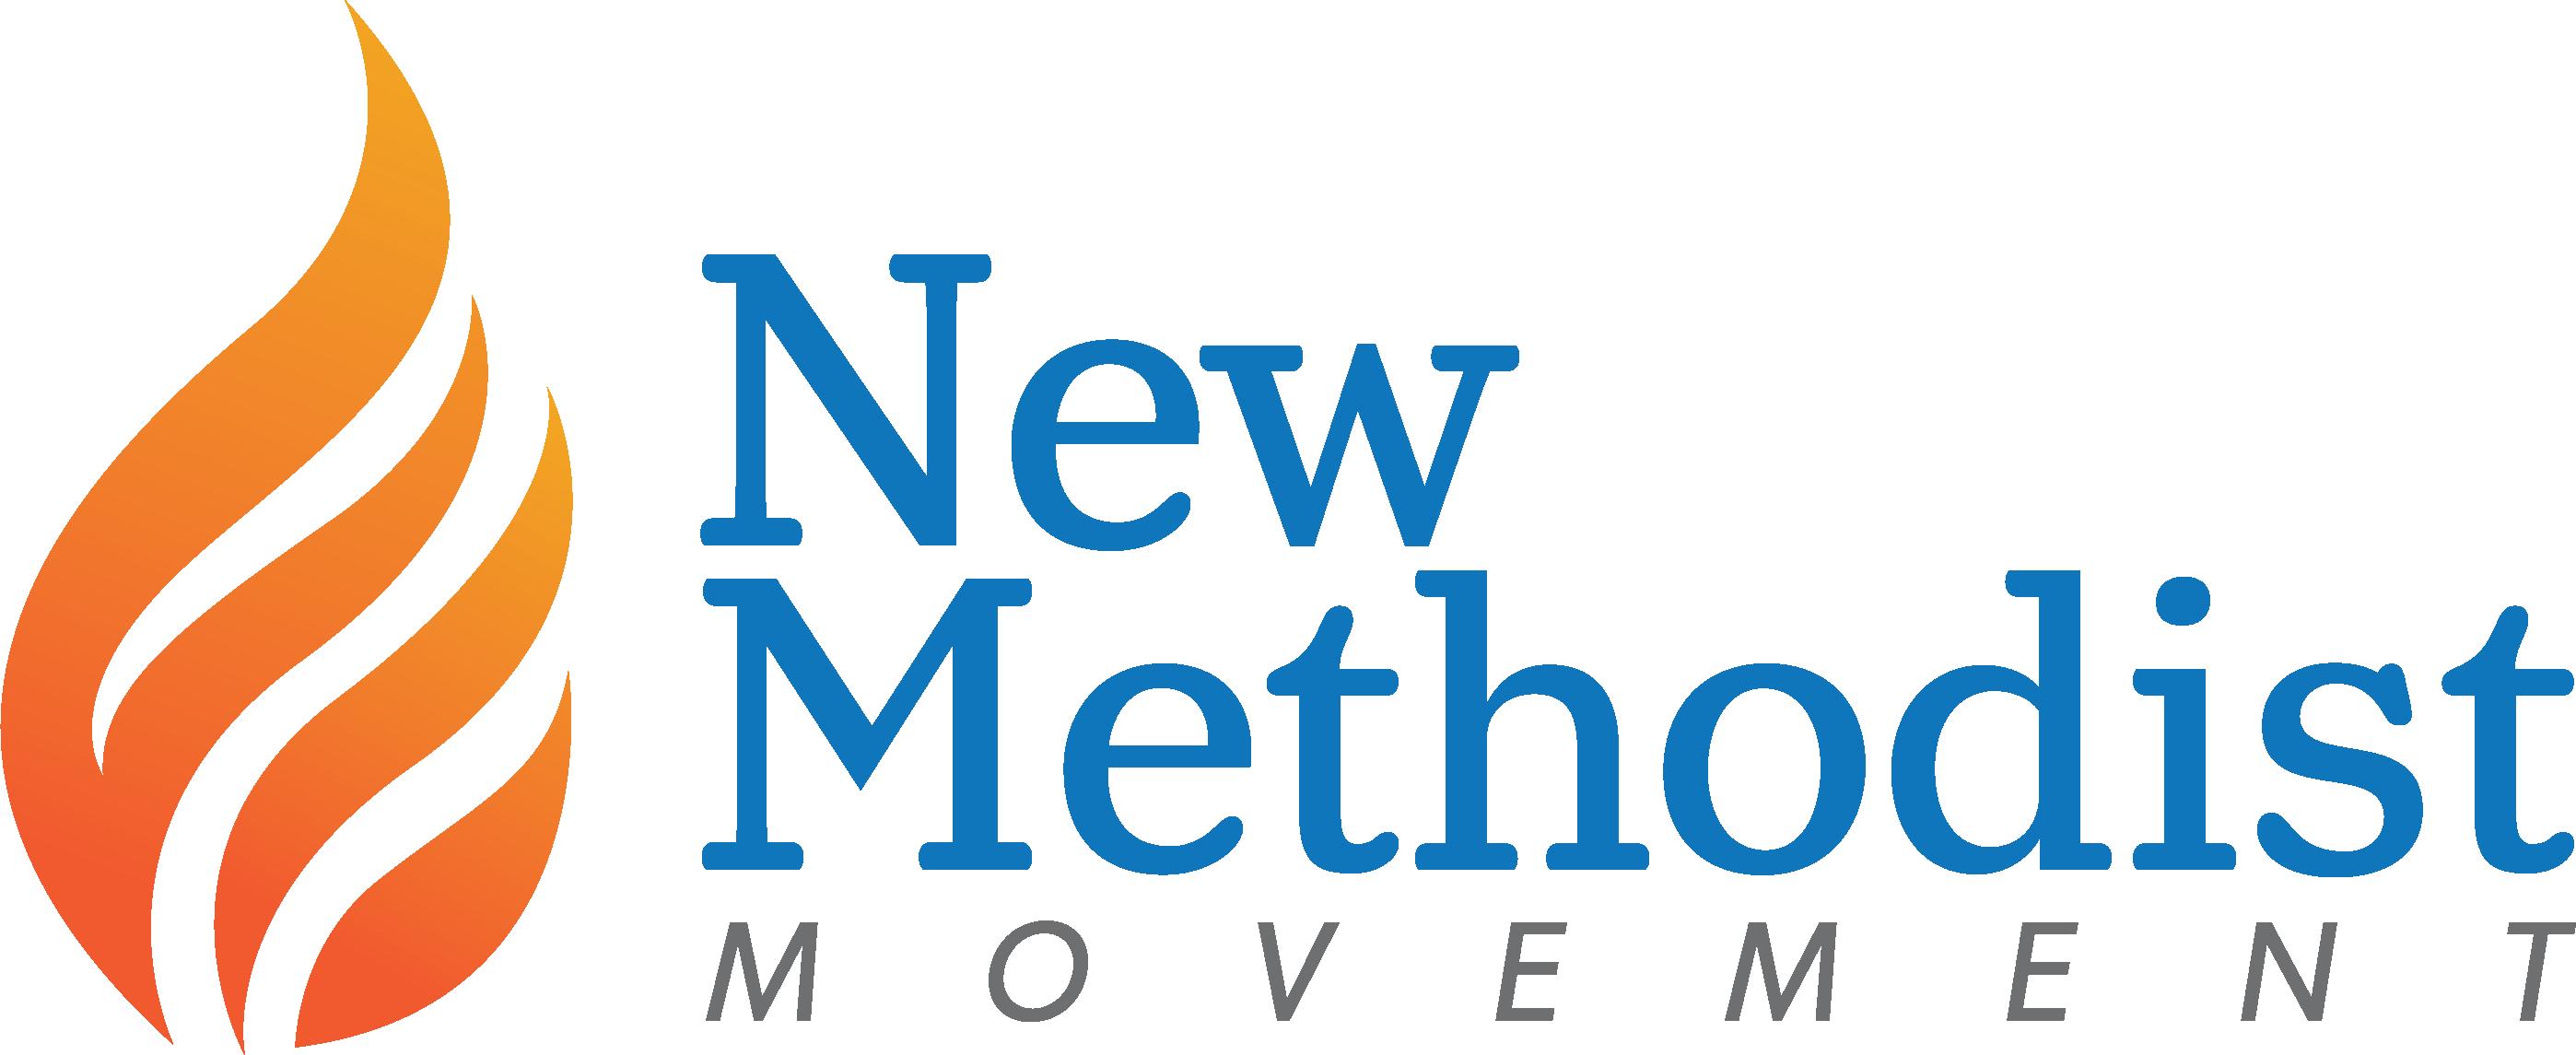 New Methodist Movement